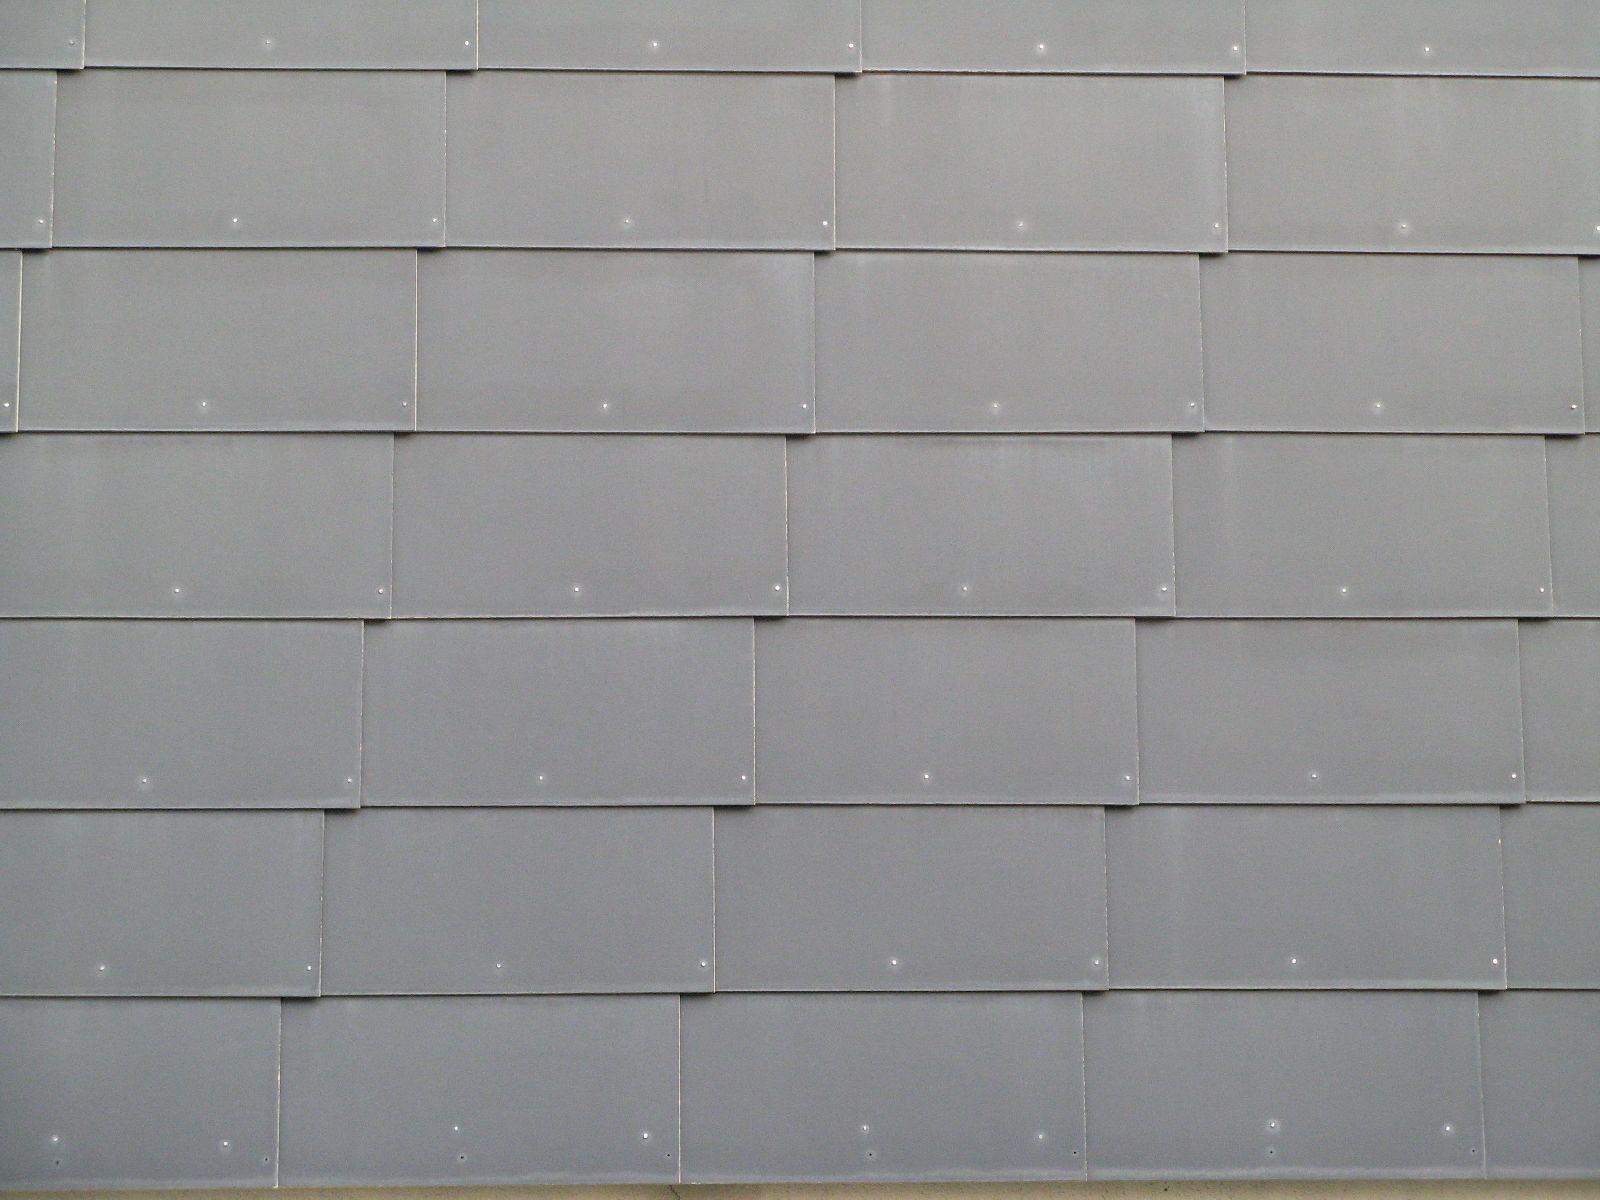 Wand-Bruchstein_Textur_B_01588